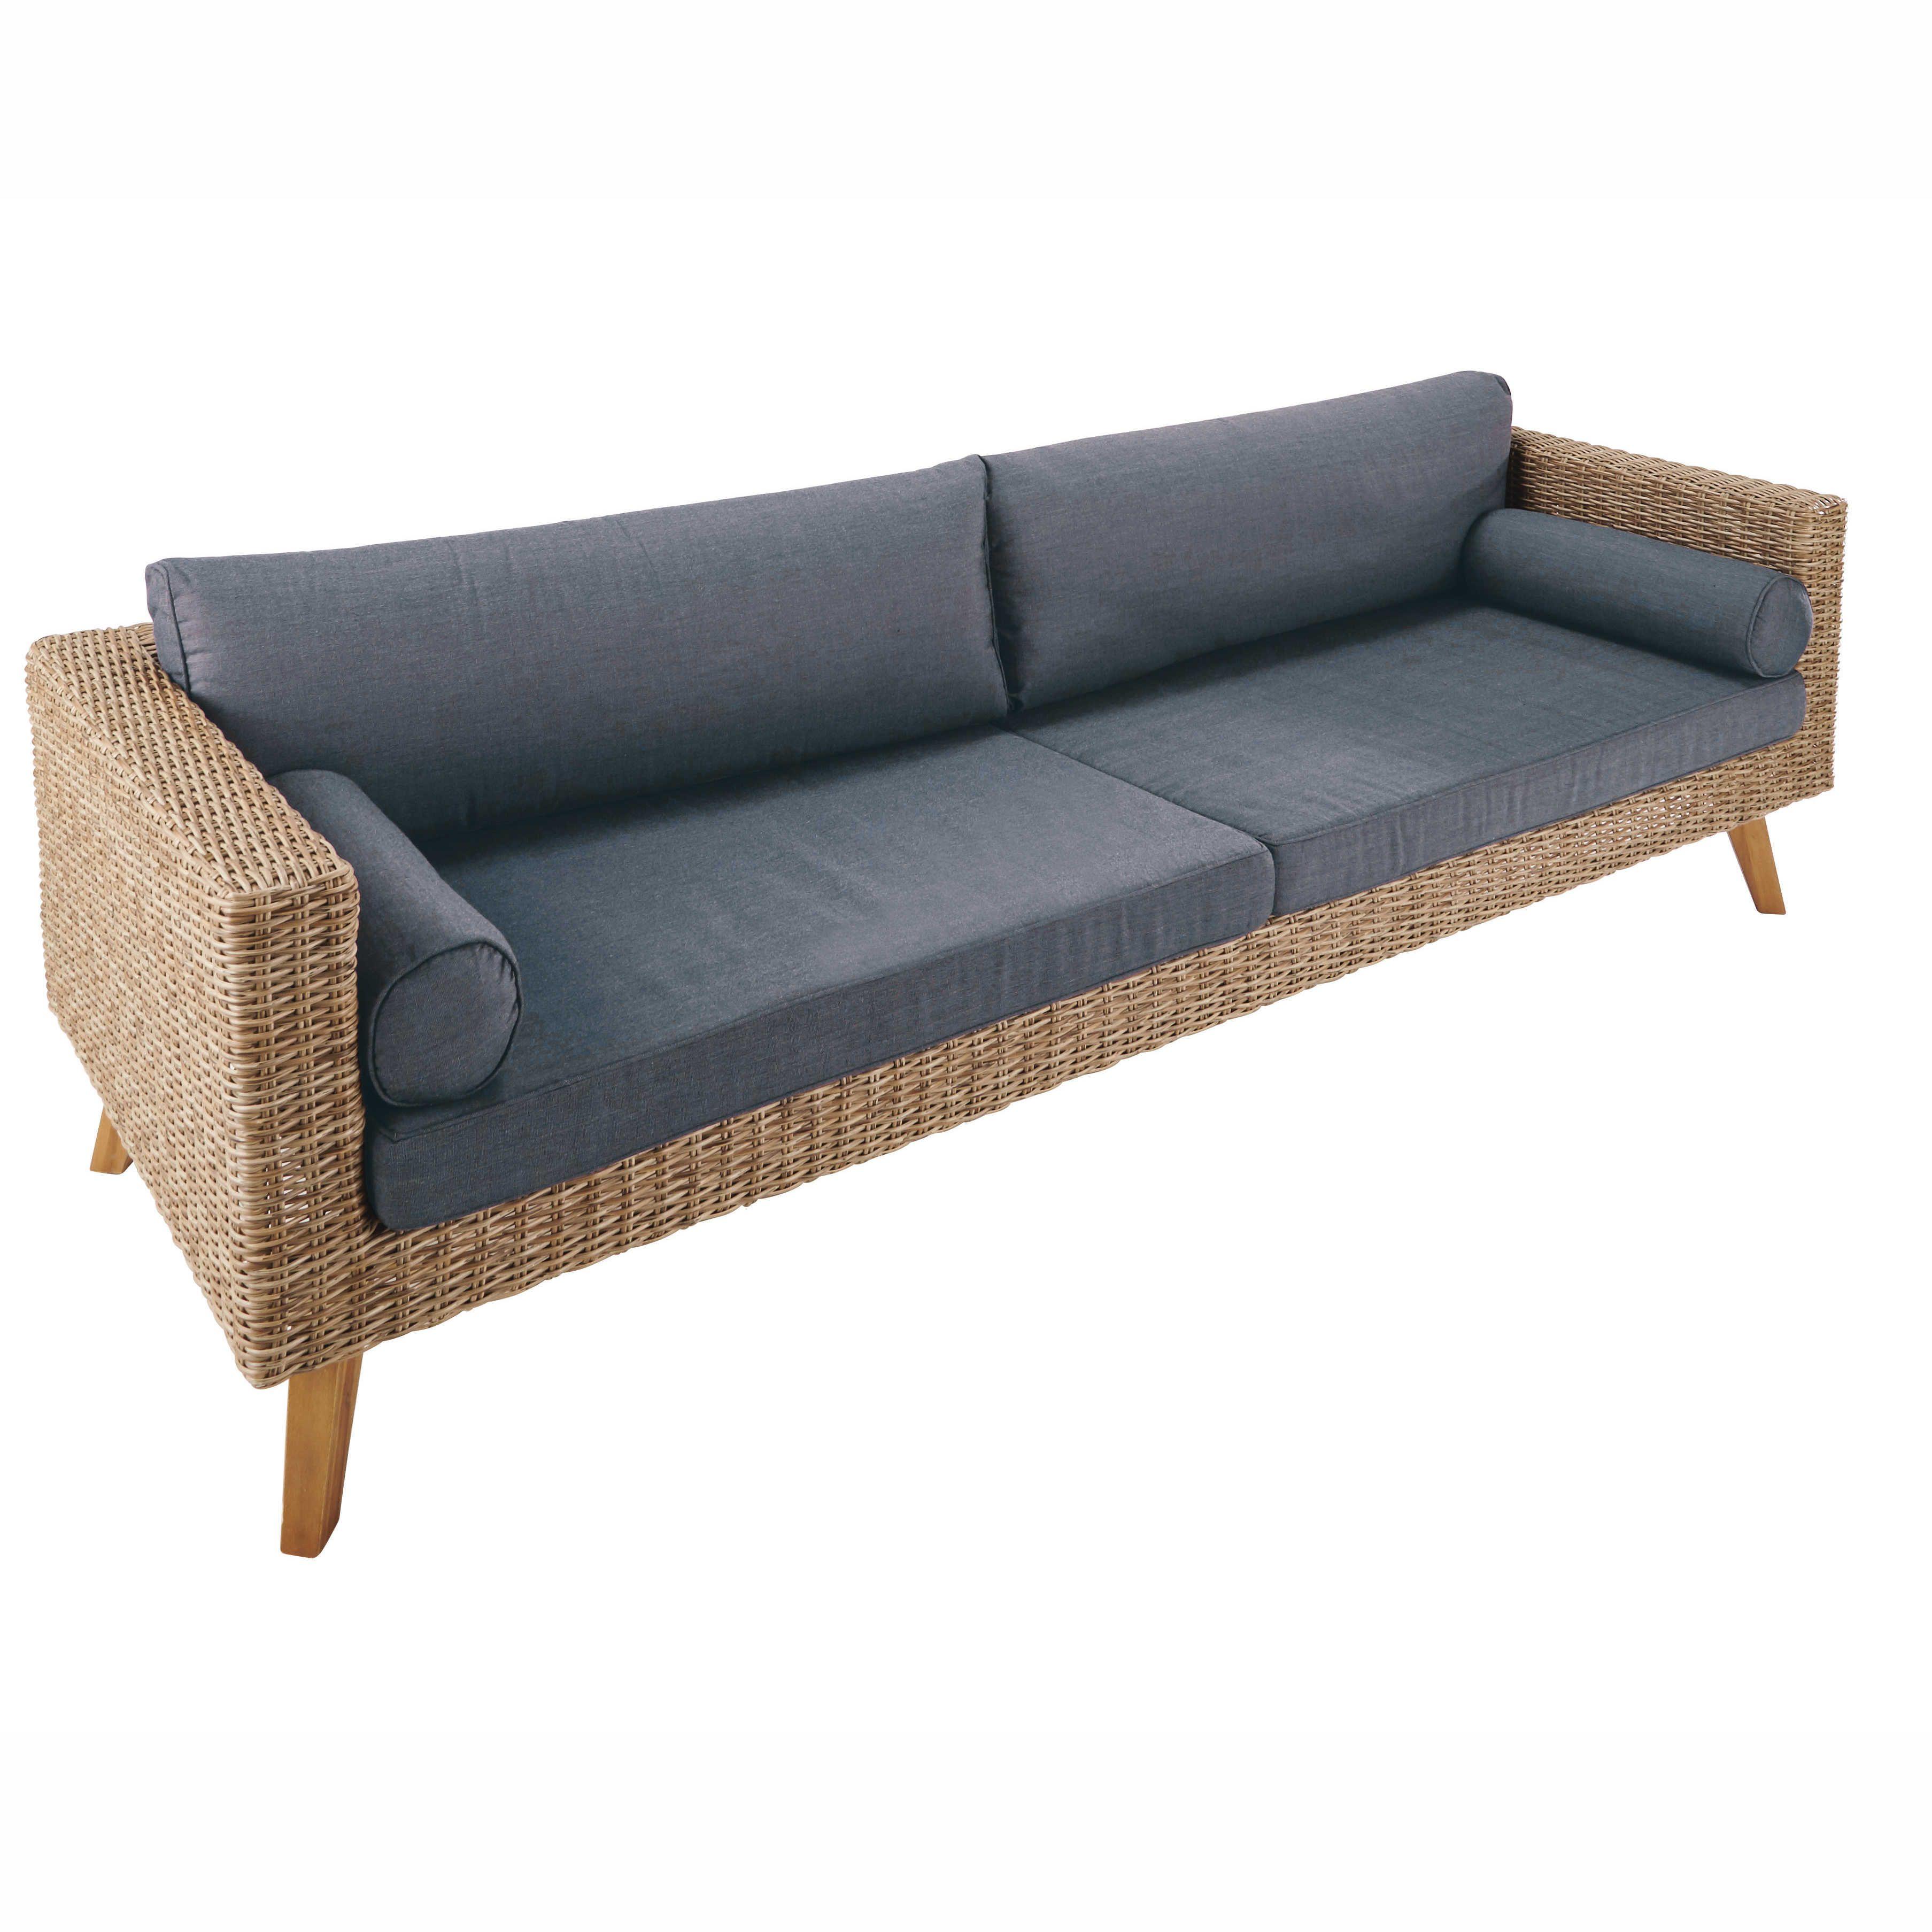 Canapé de jardin 3 4 places en résine tressée et toile anthracite